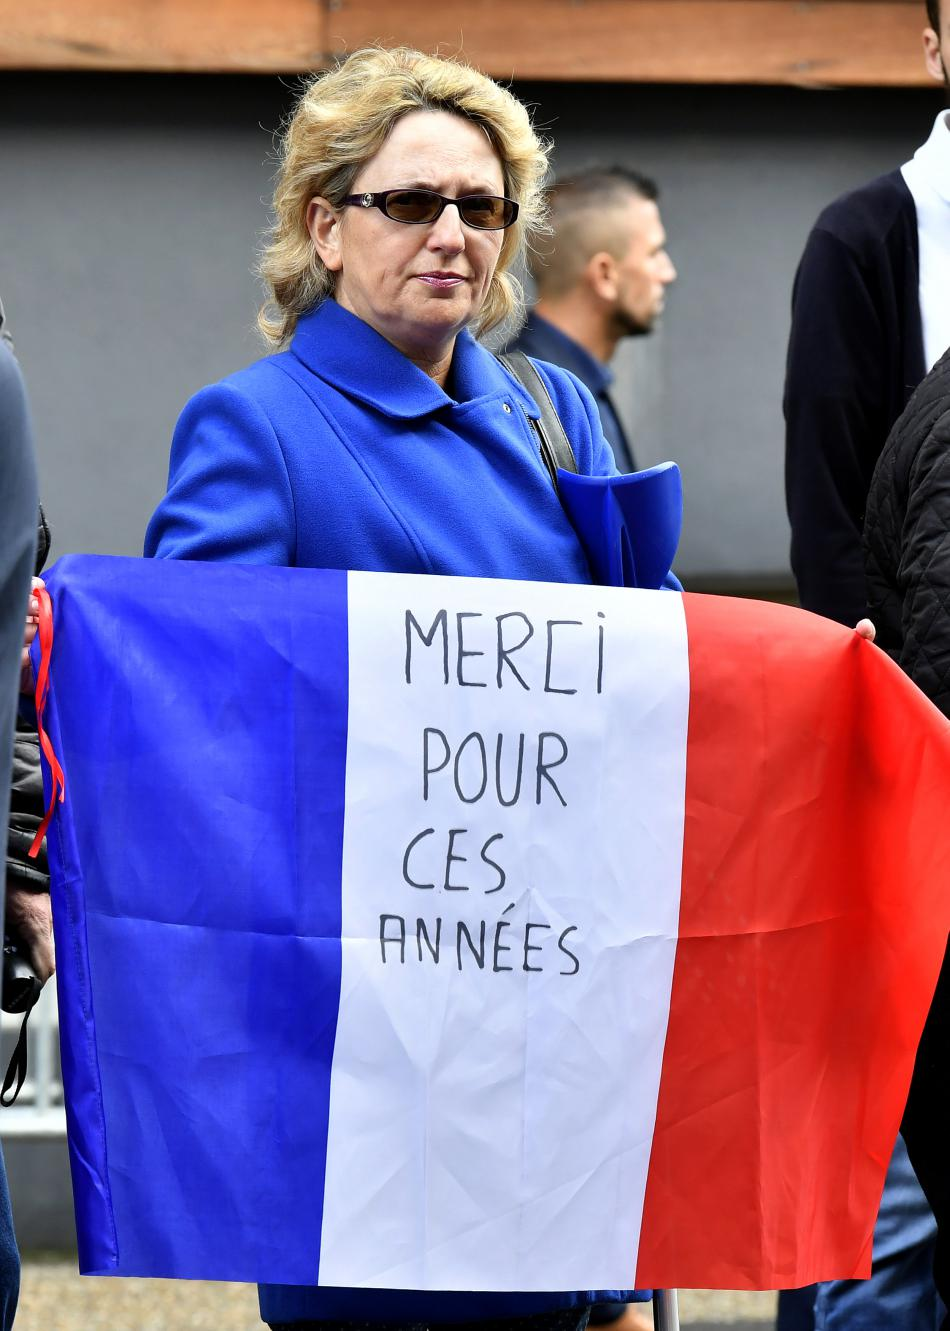 Francouzska děkuje Hollandovi za předchozí roky